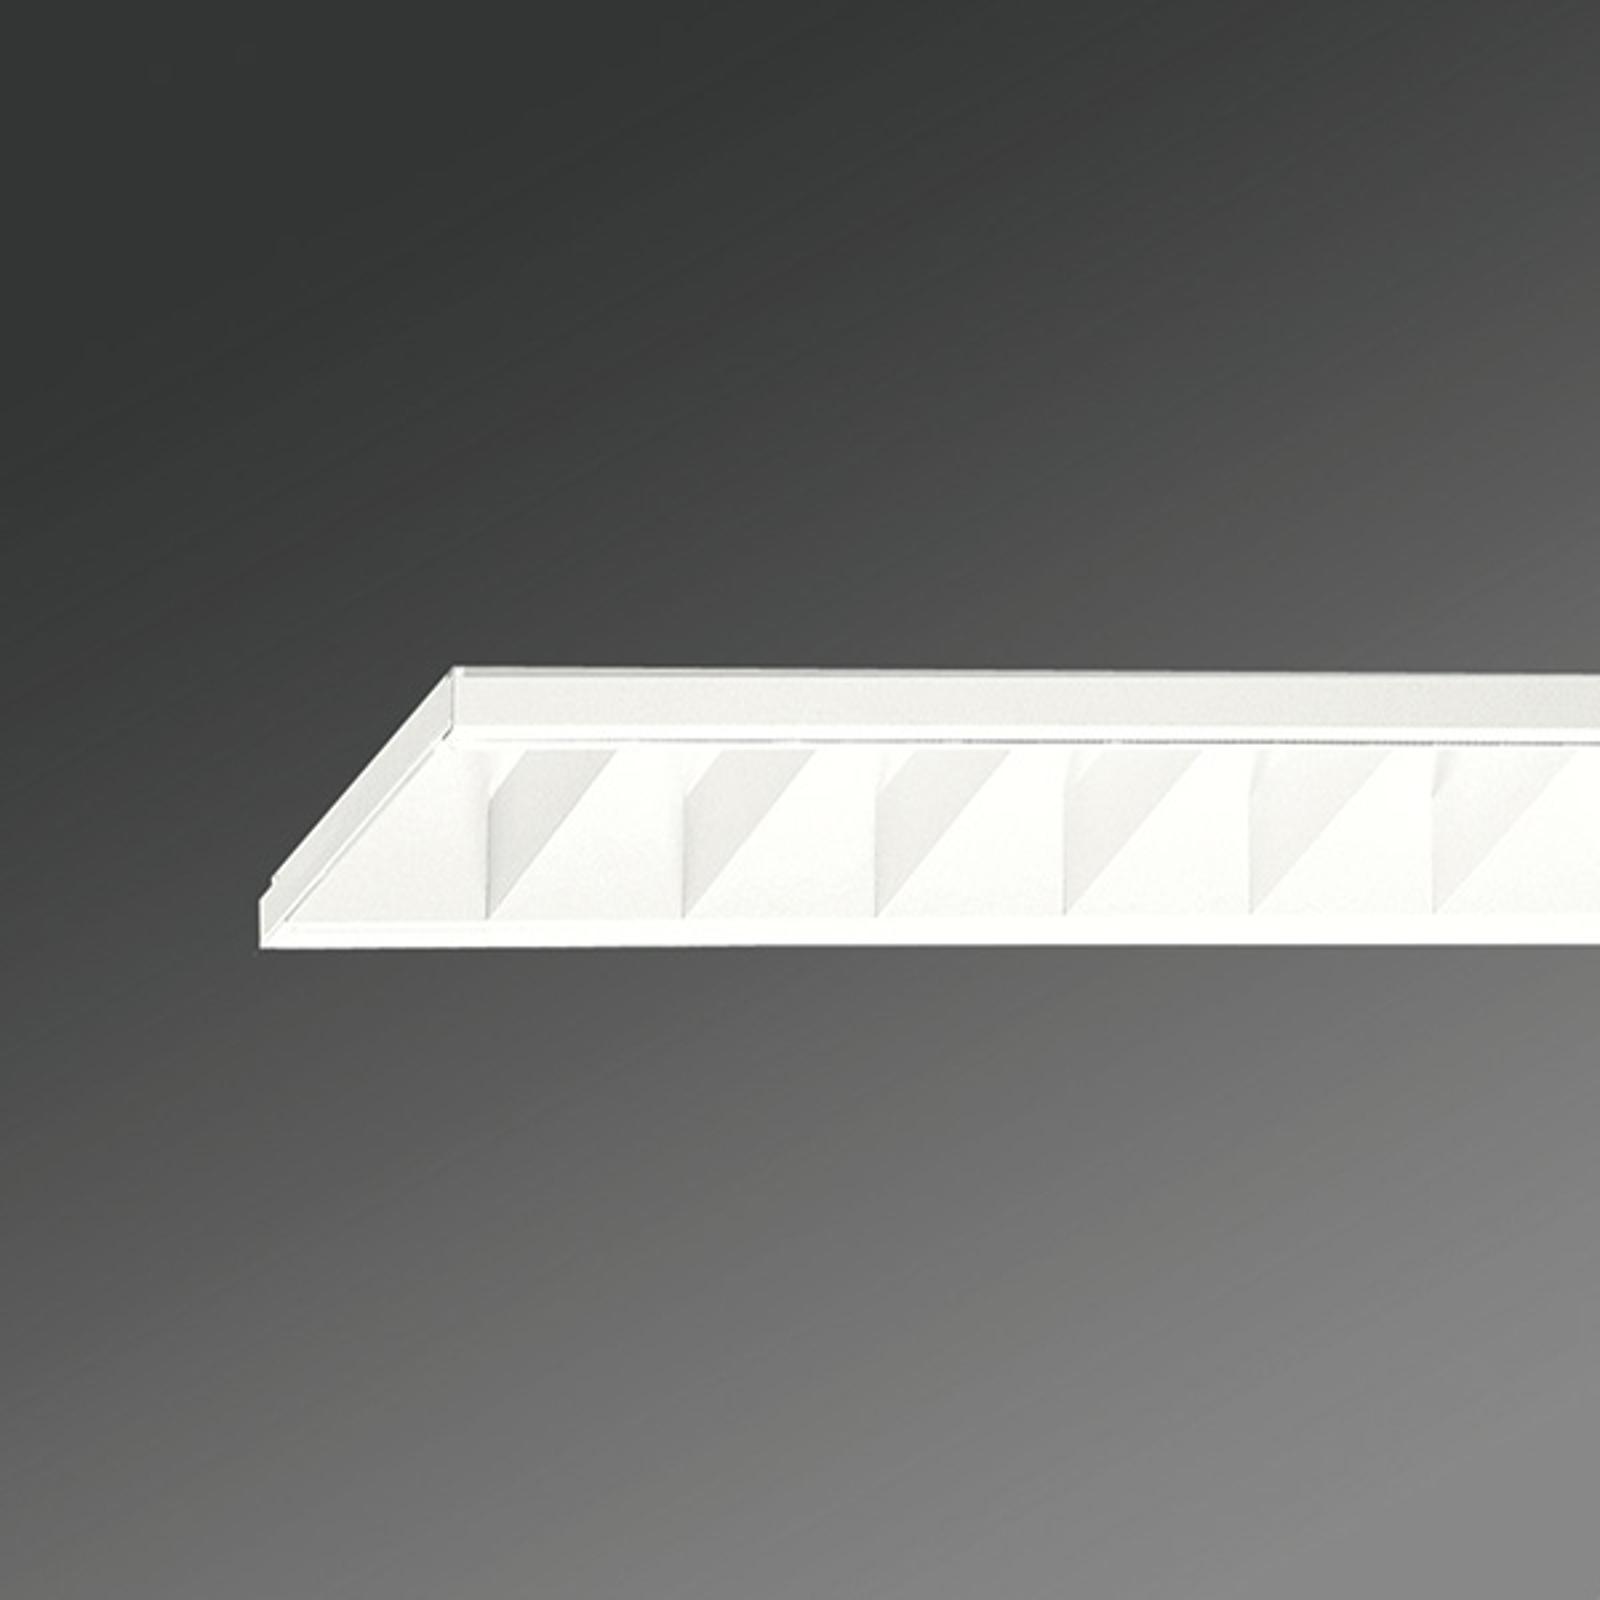 Lampa sufitowa RMEP z rastrem, 58W